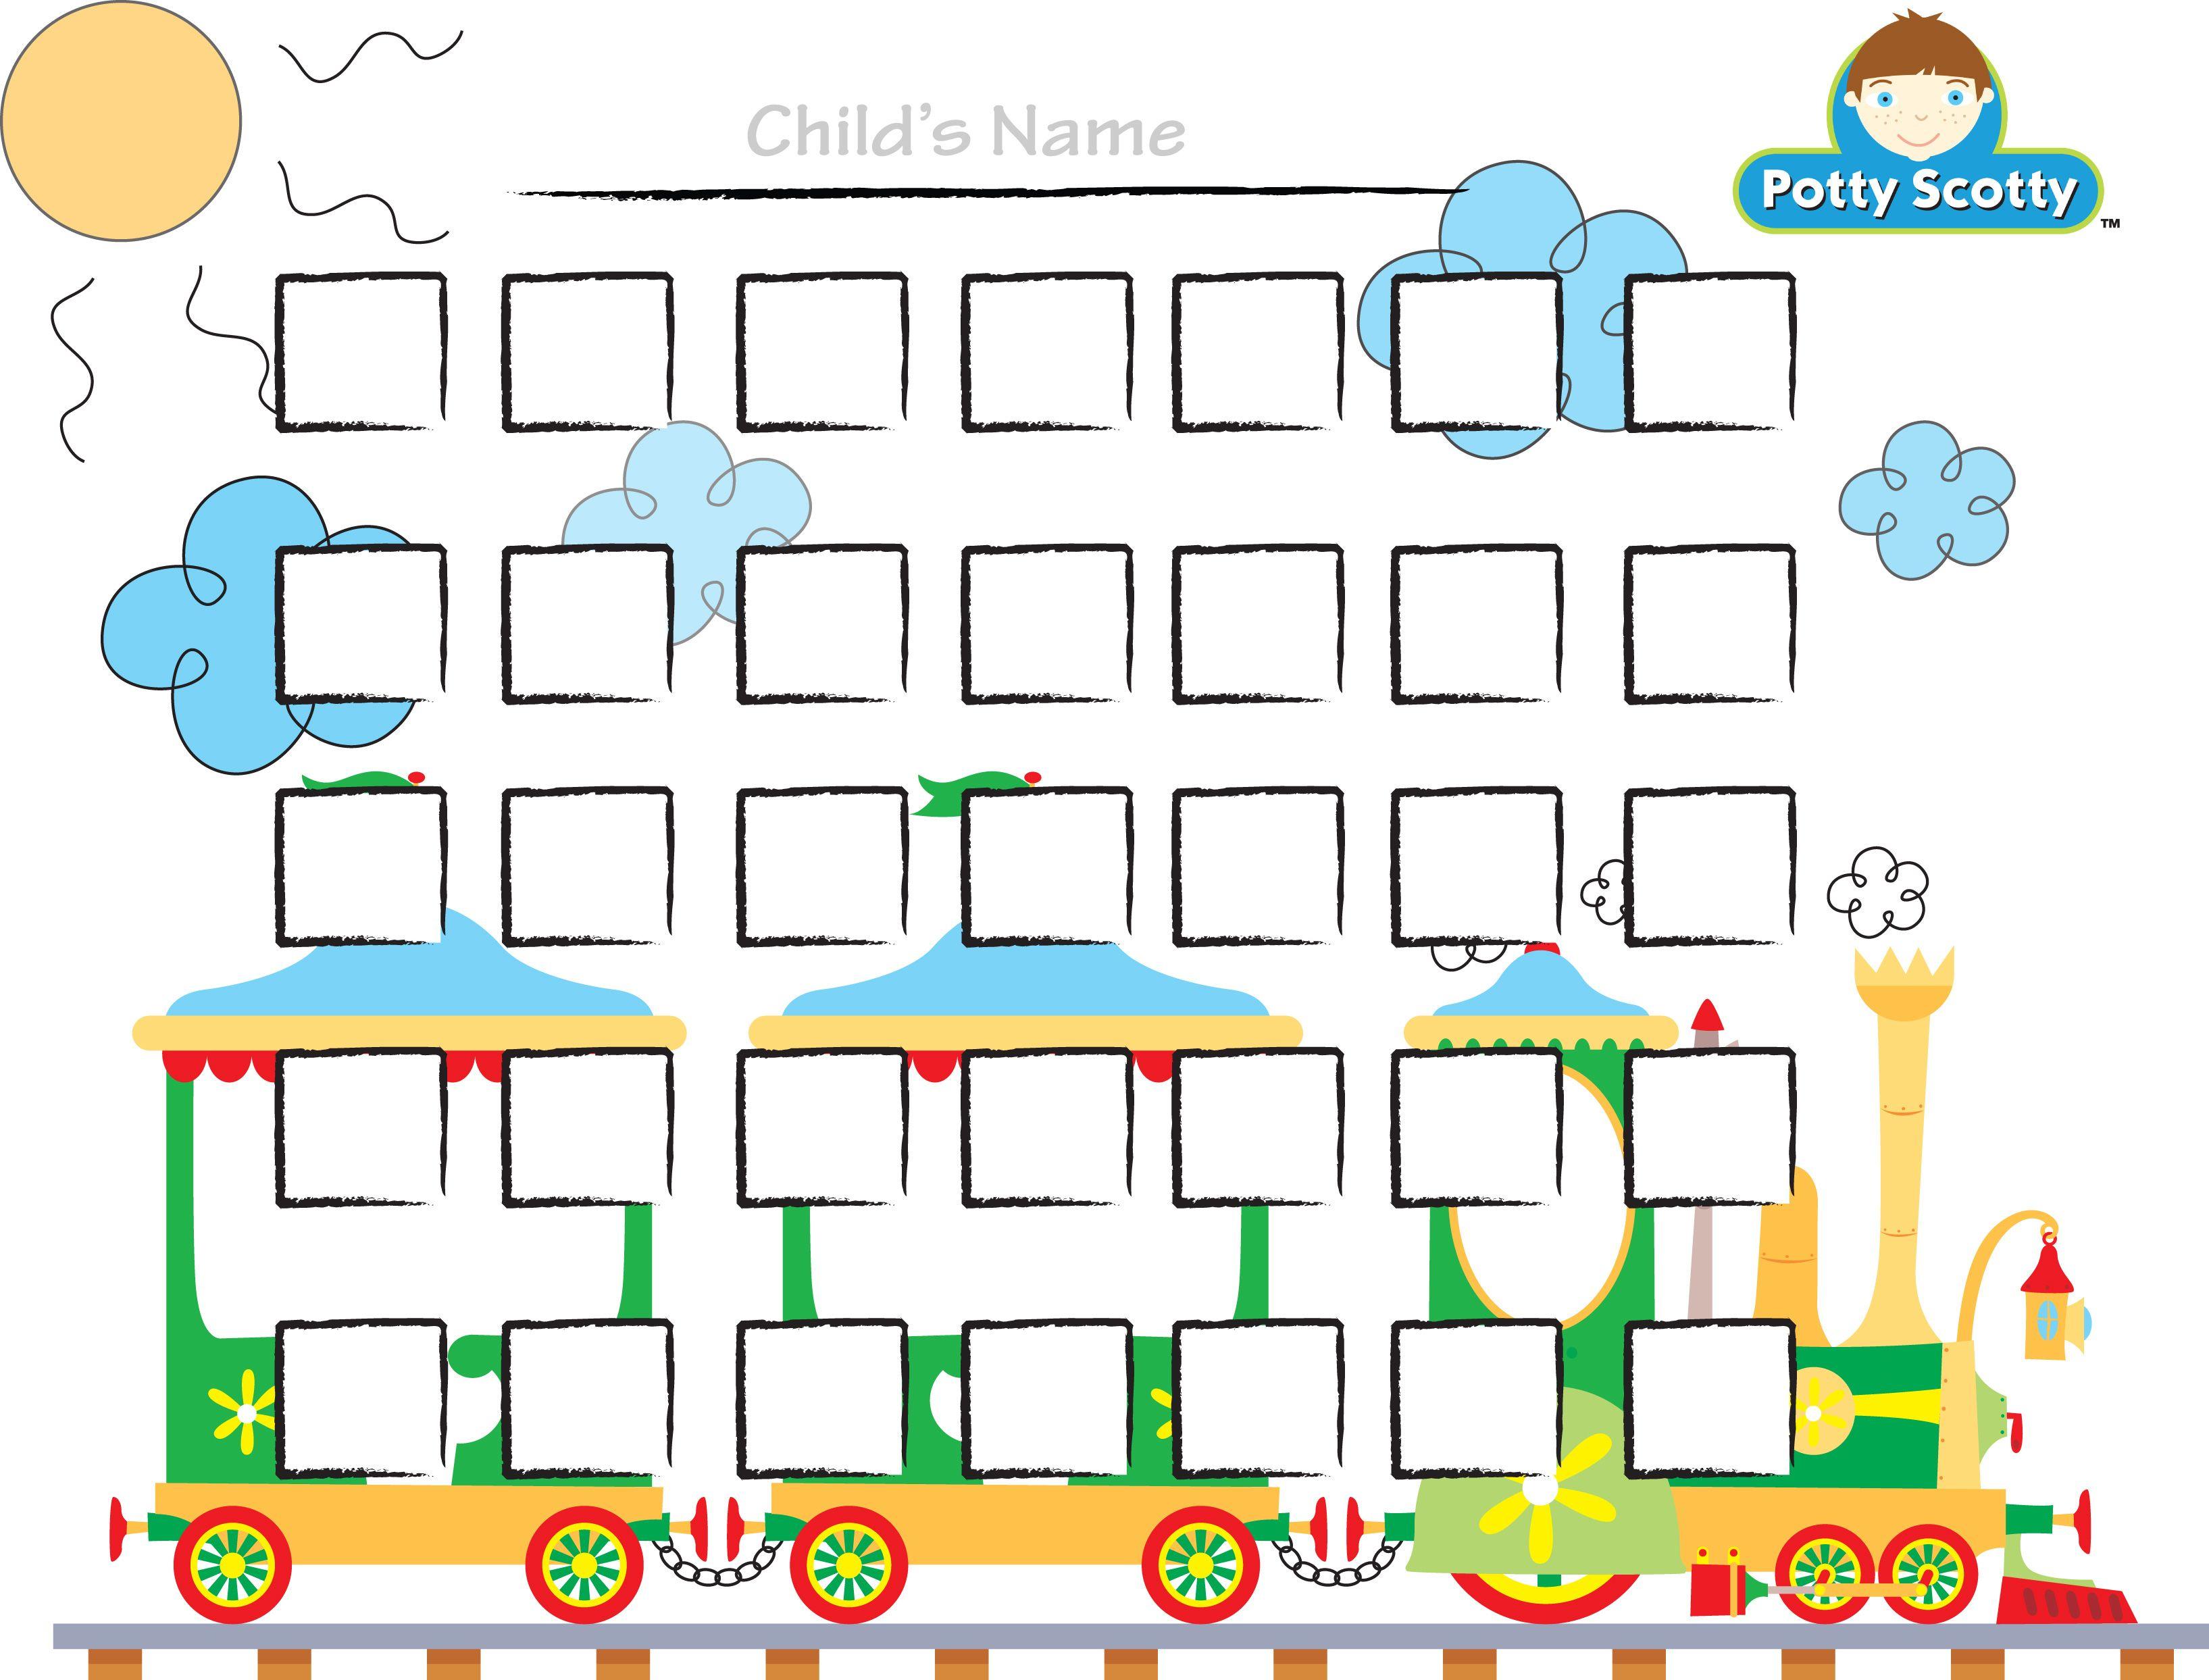 Potty Training Choo Choo Chart | Printables, Freebies, Diy | Potty - Free Printable Potty Charts